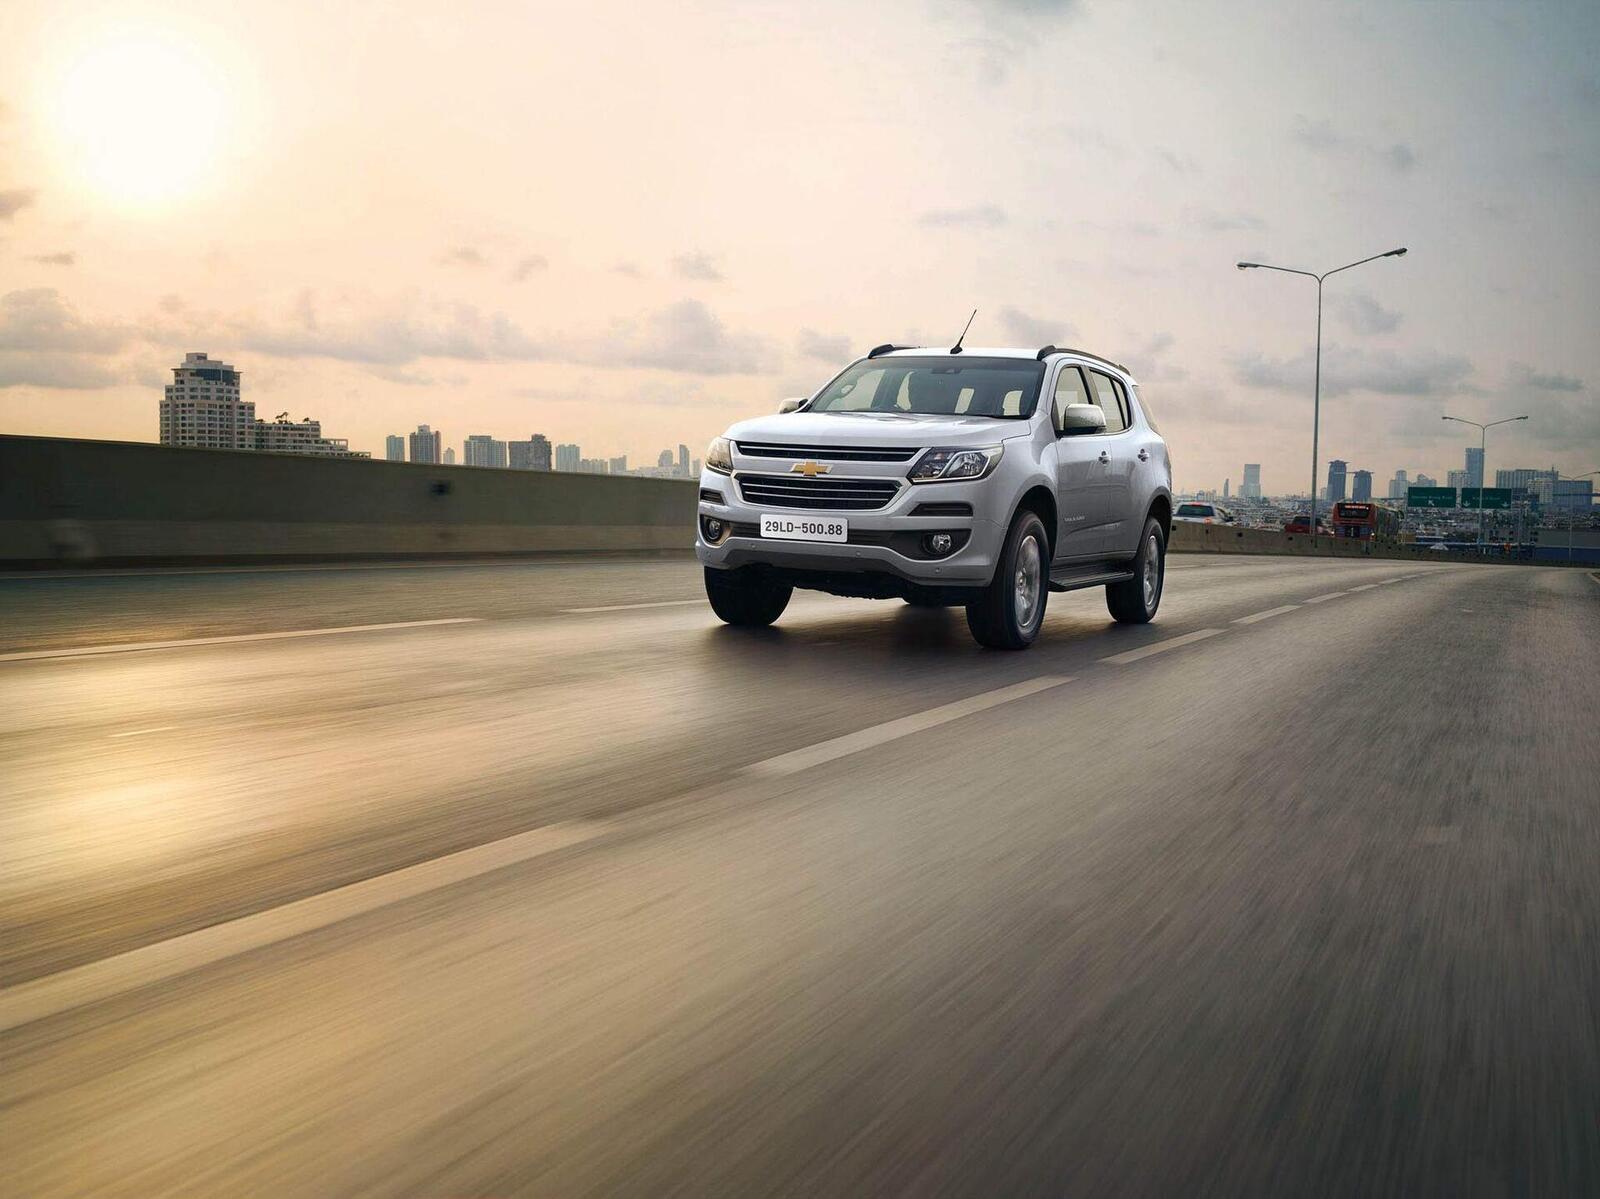 So sánh giá bán của Toyota Fortuner và Chevrolet Trailblazer - Hình 15